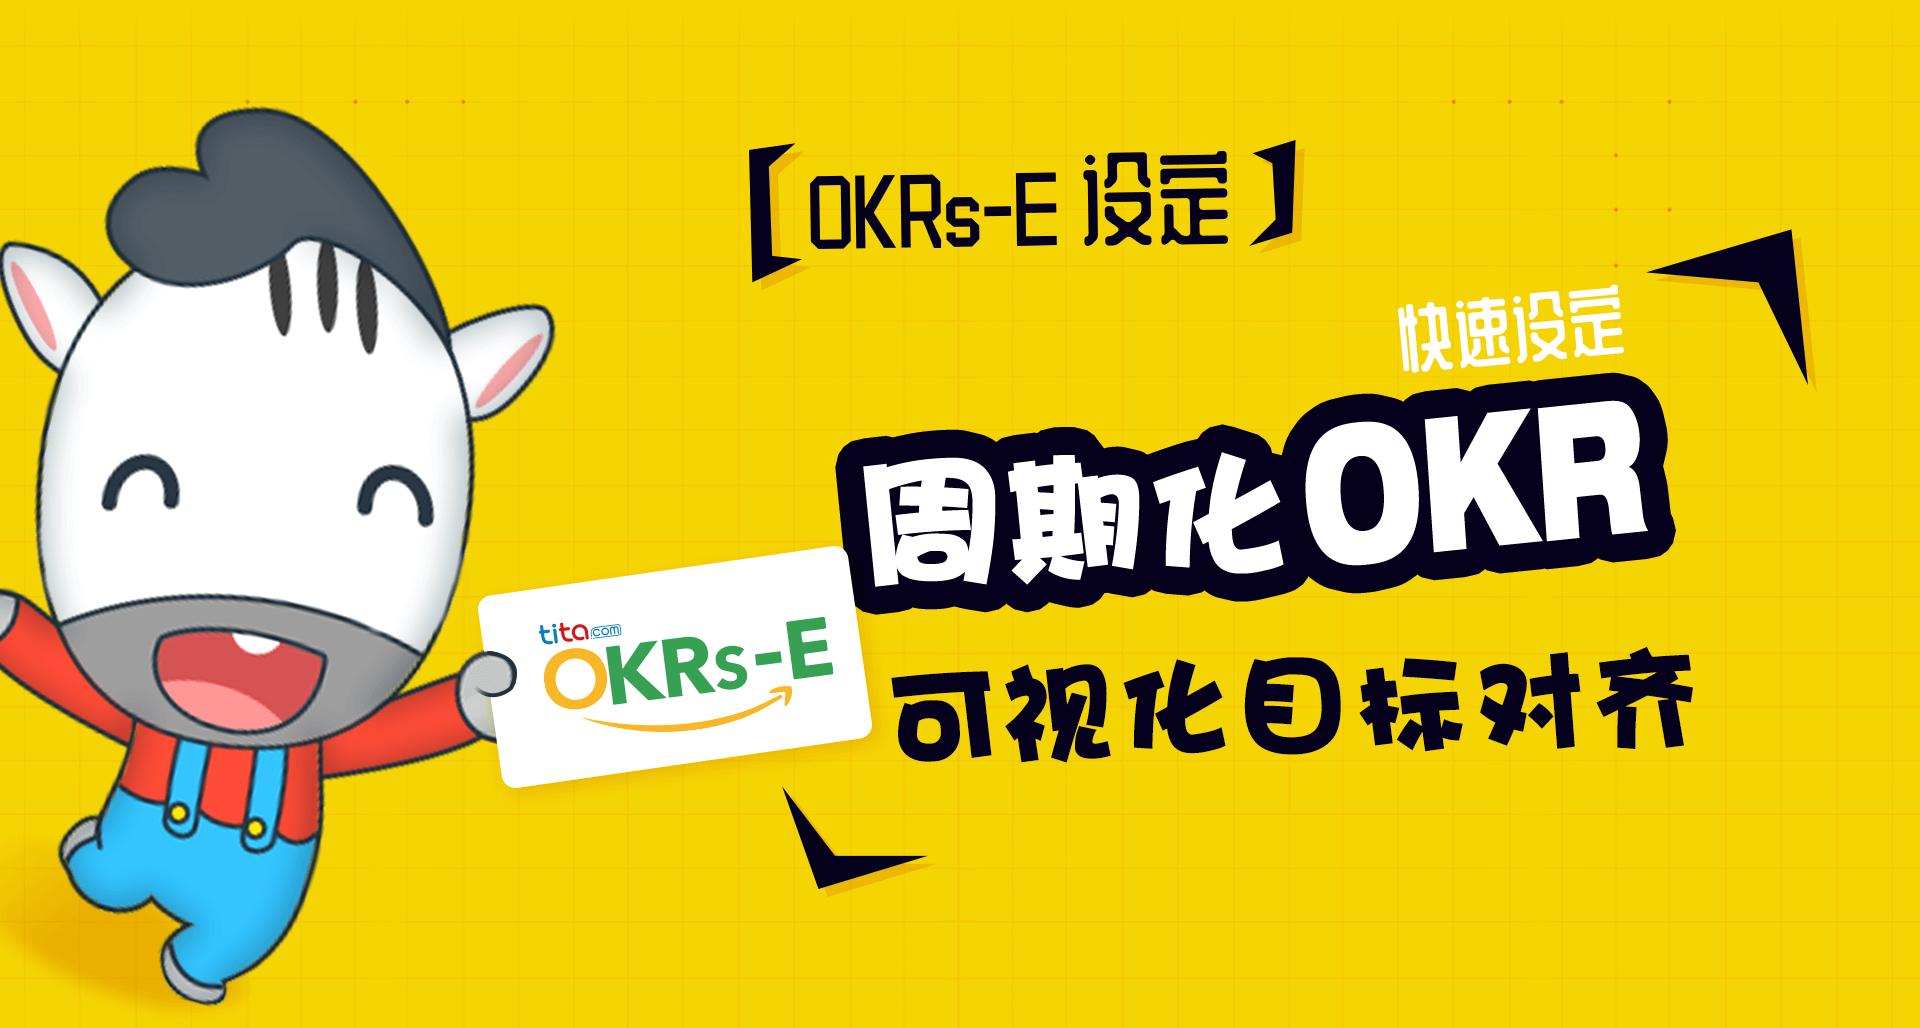 使产品OKR与高层C级别保持一致